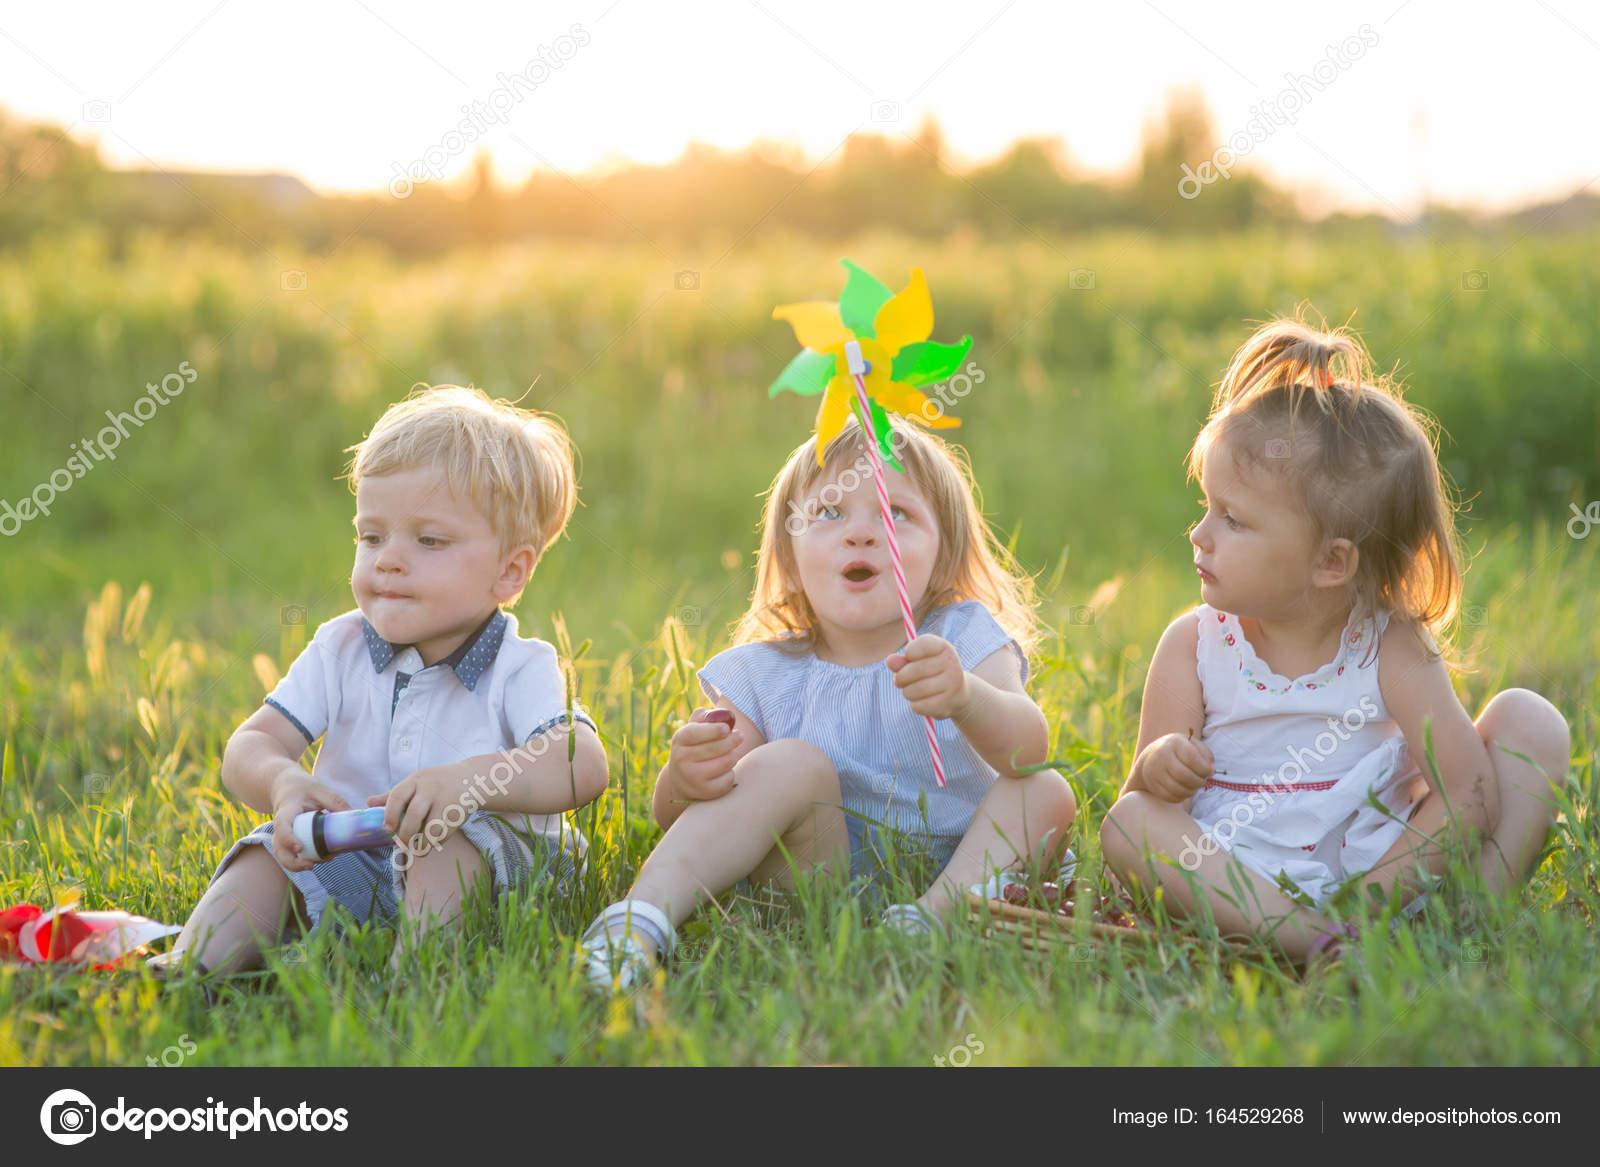 17a6facdba0230 Kinder spielen in der Natur — Stockfoto © Genika  164529268